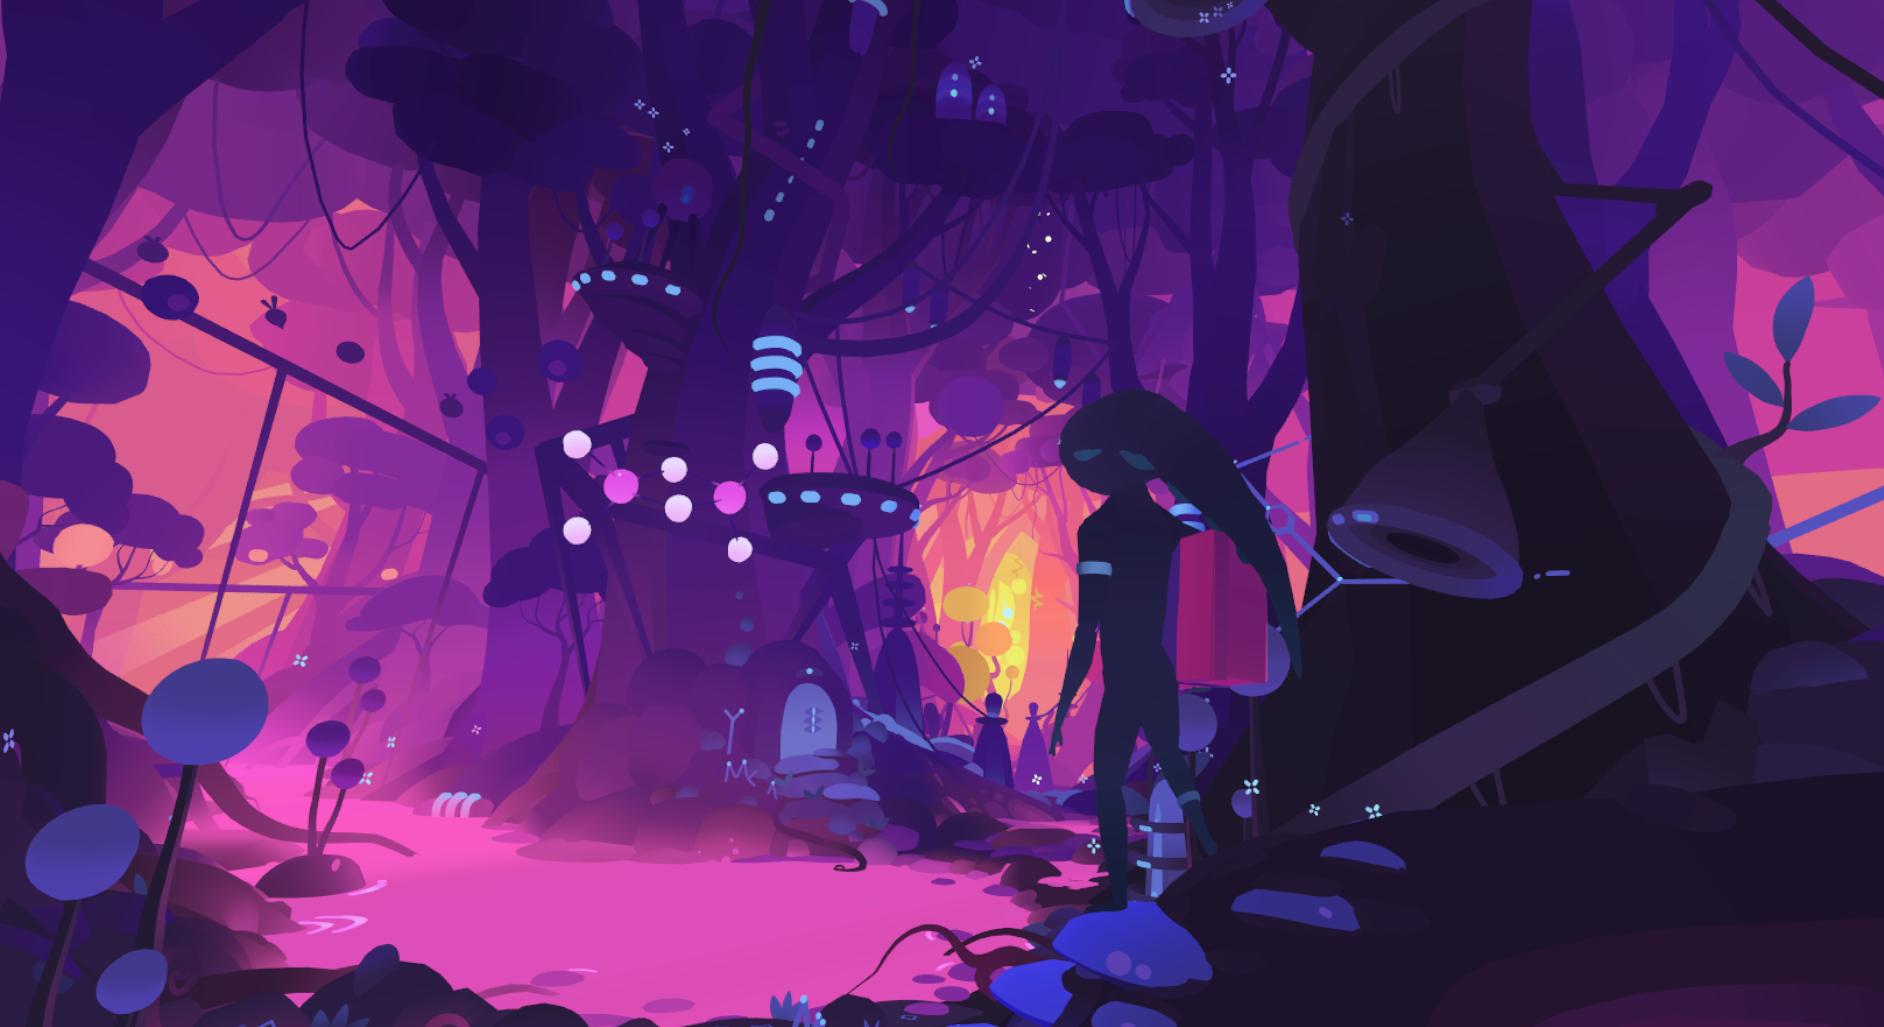 第2章『The Neon Jungle』のストーリー10